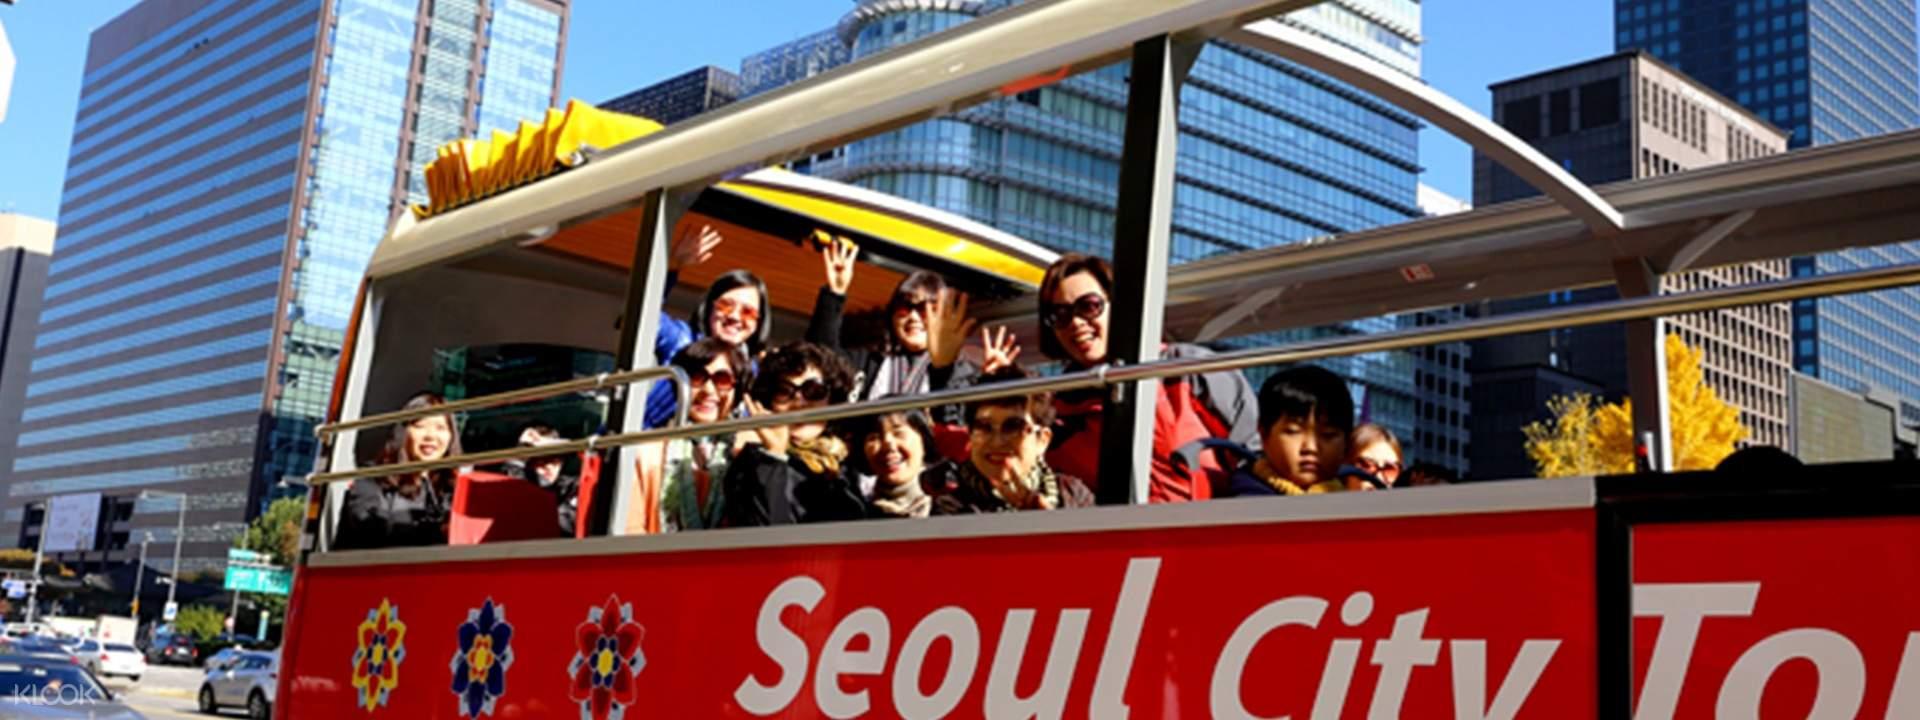 서울 시티투어 버스 (도심고궁 남산 코스/서울 파노라마 코스) - Klook